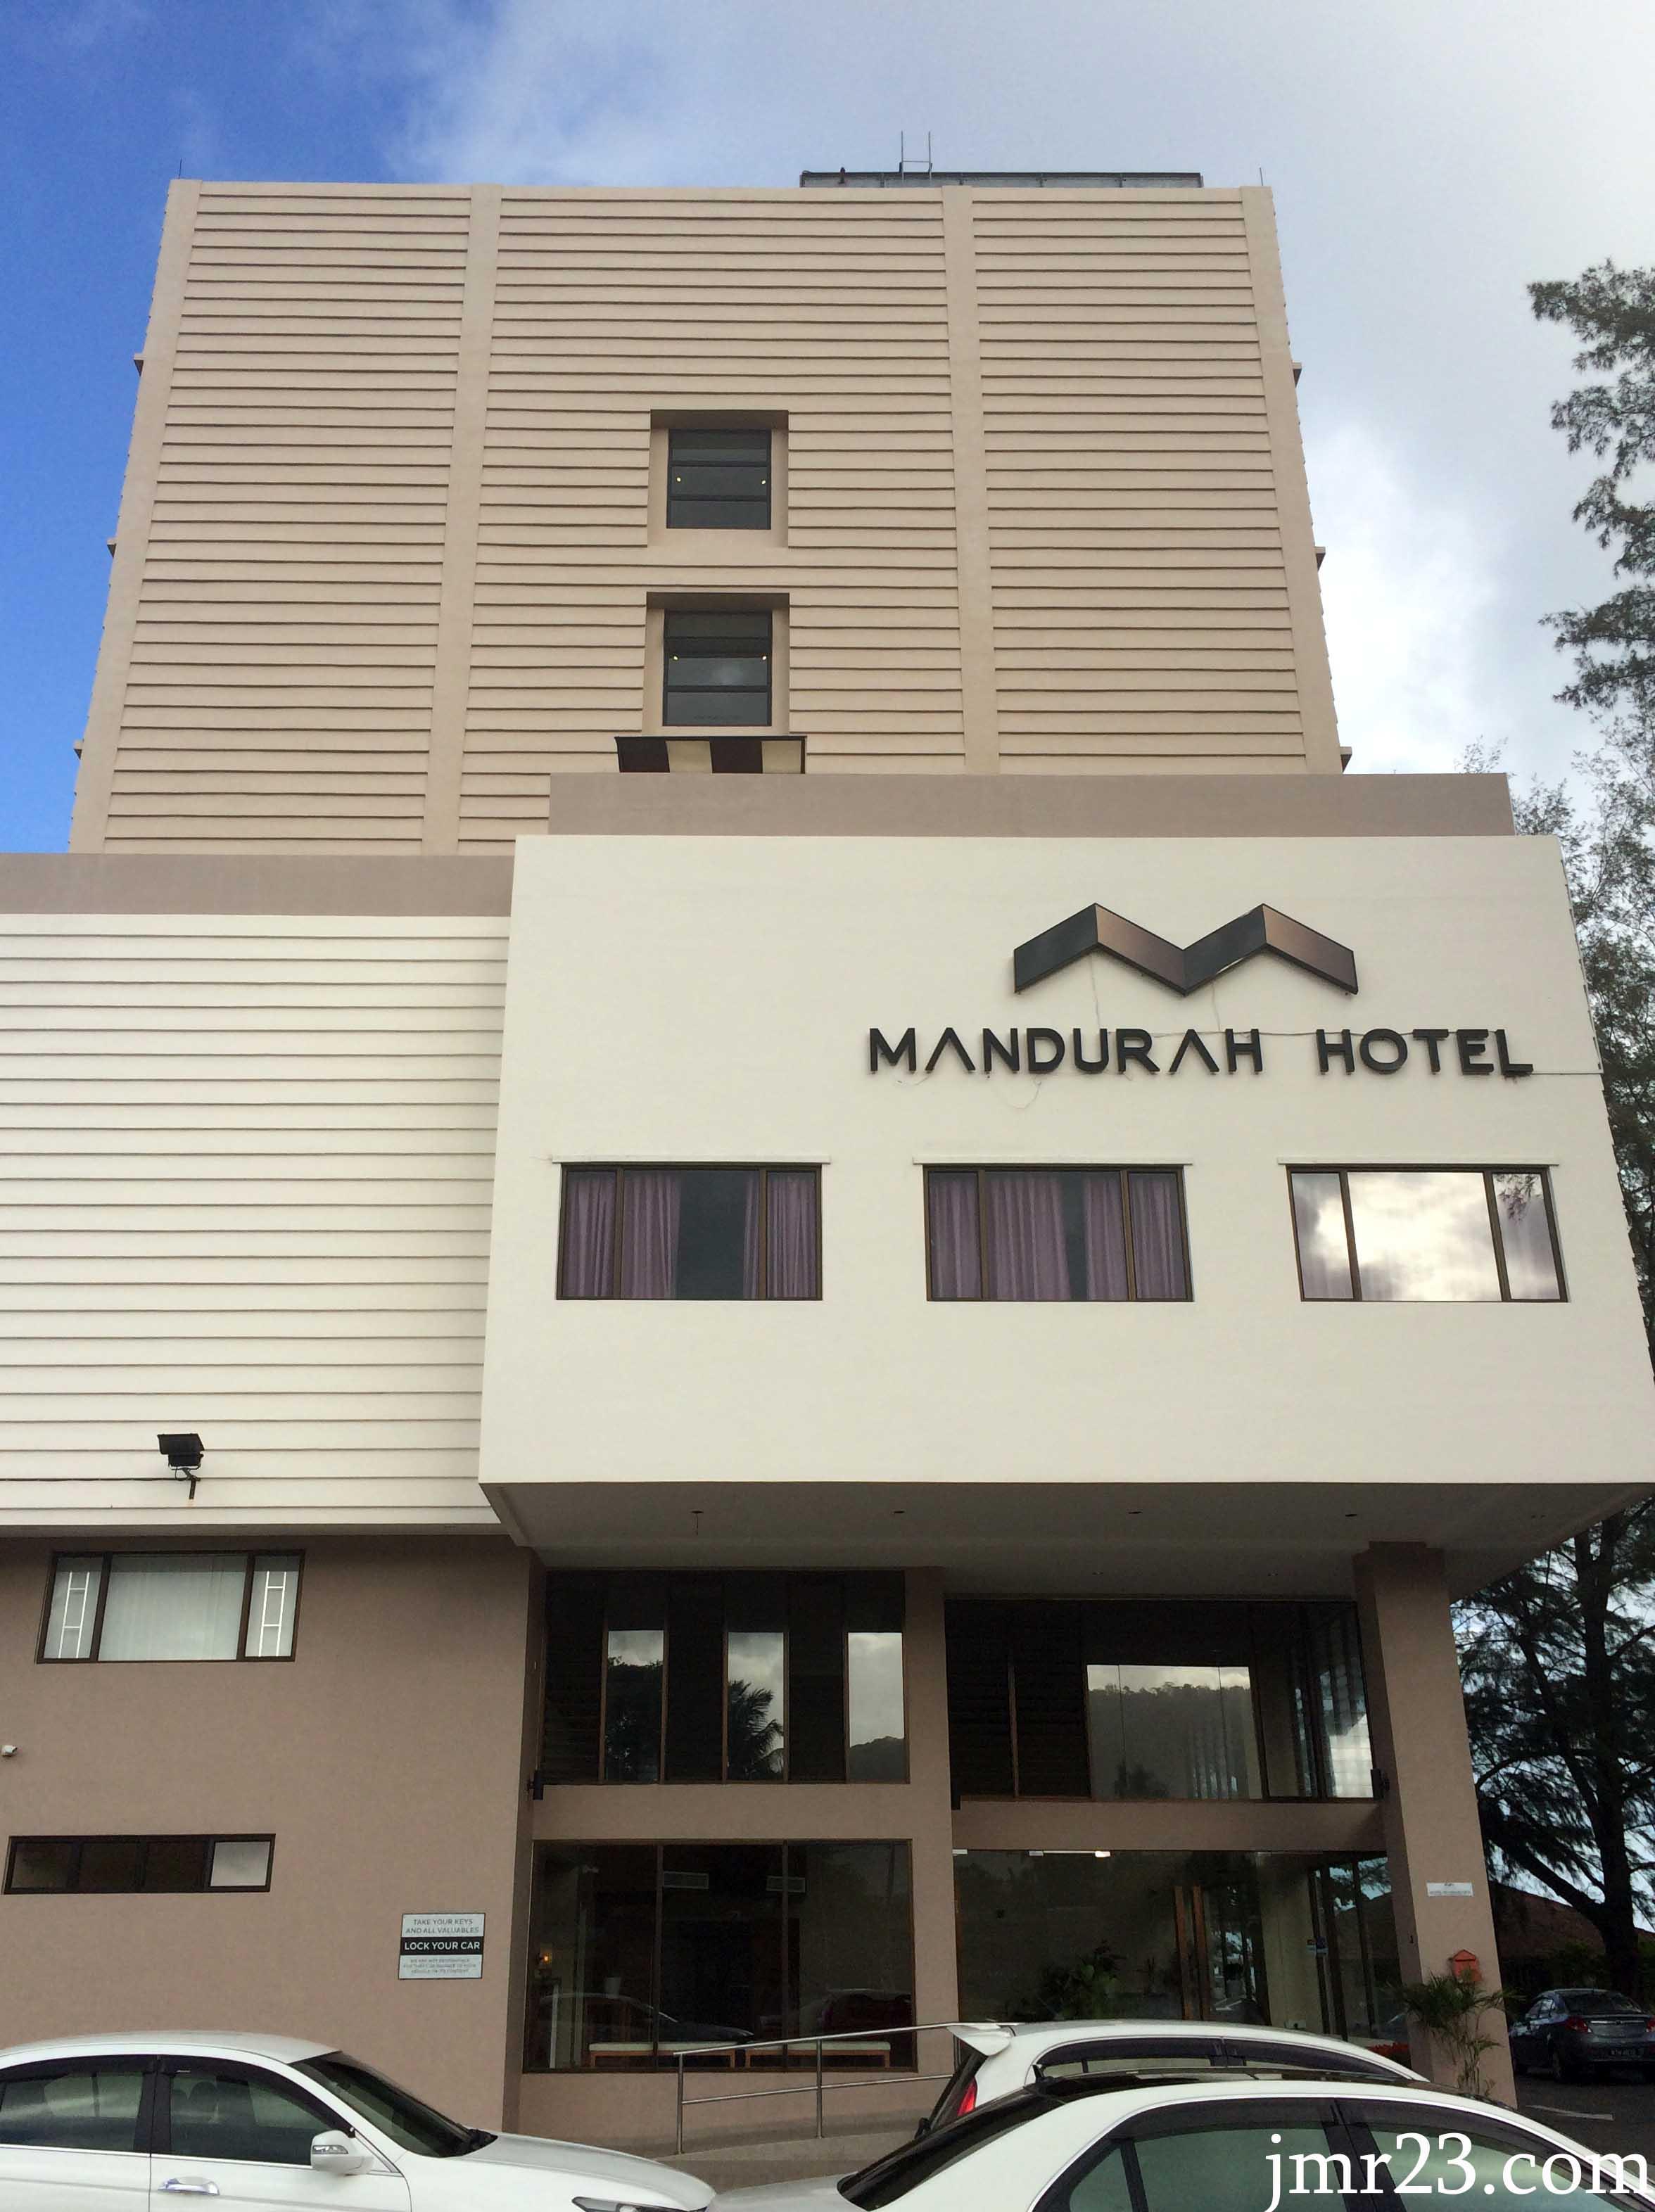 mandurah-hotel